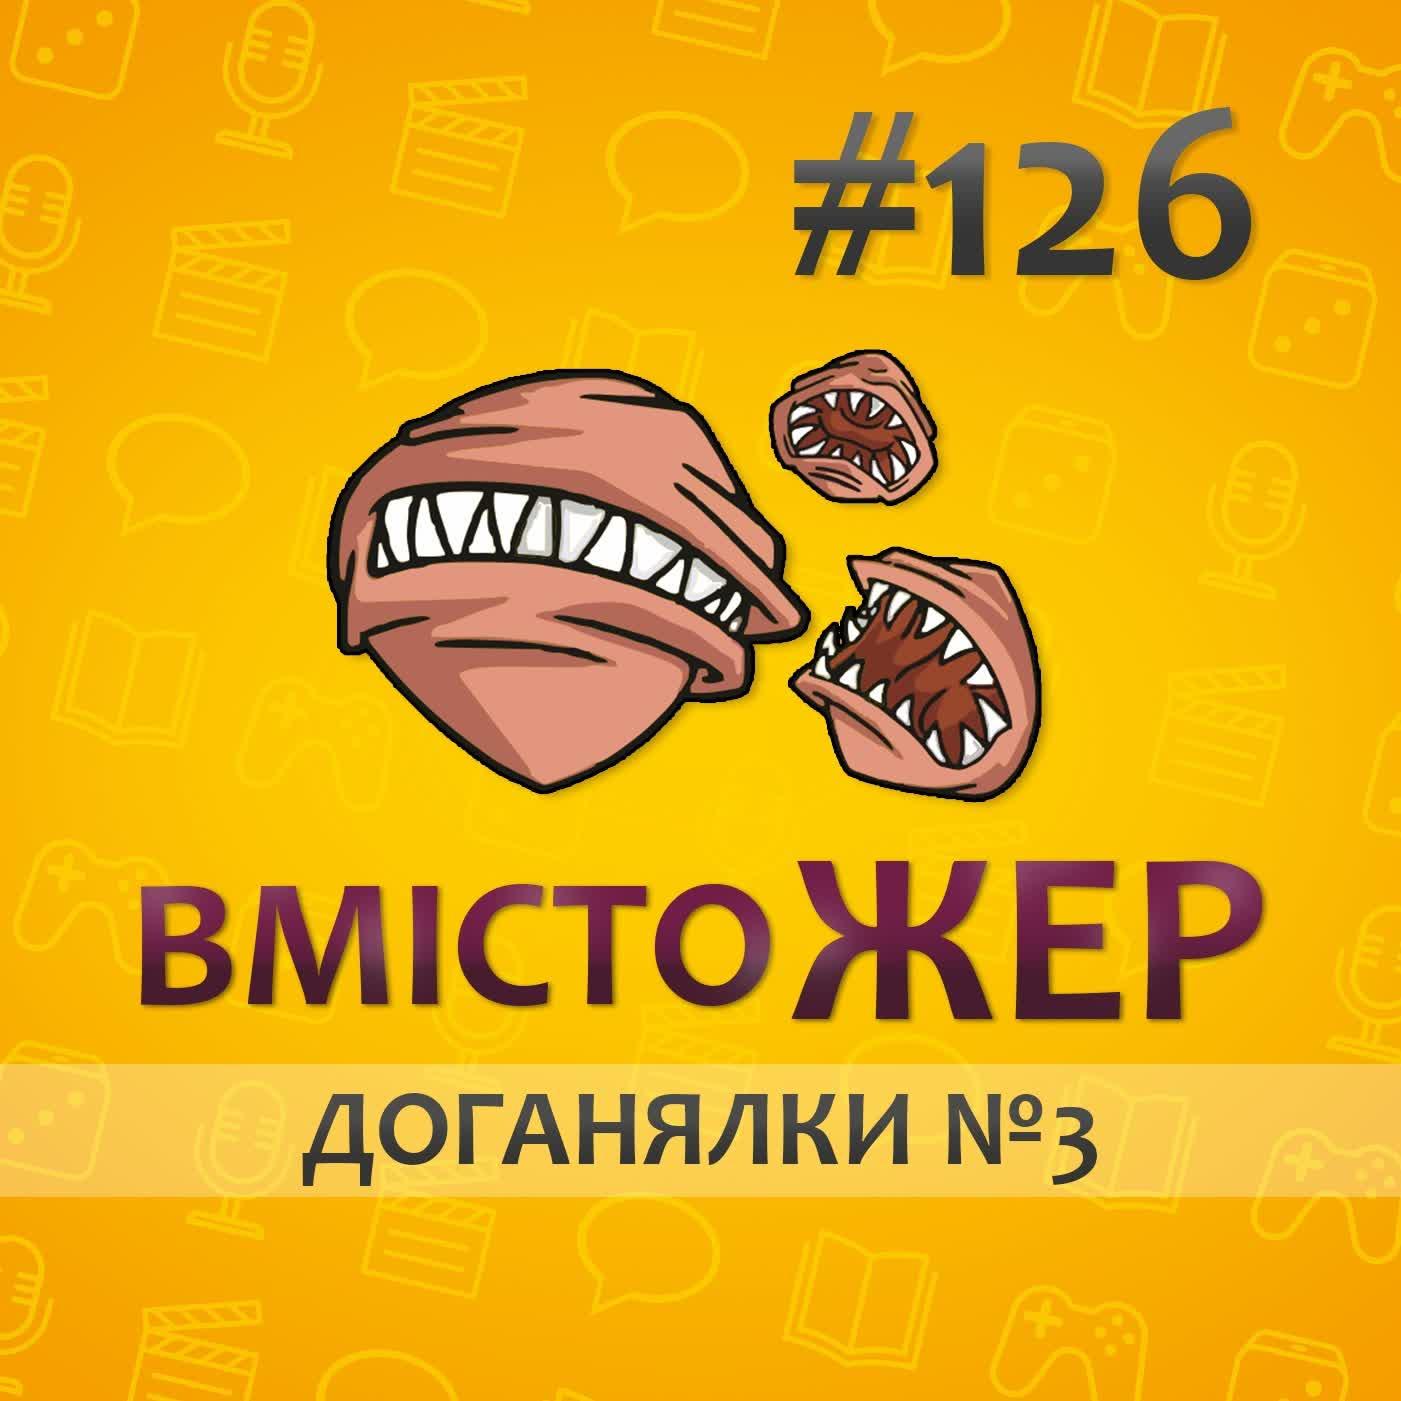 Вмістожер 126 — ДОГАНЯЛКИ №3